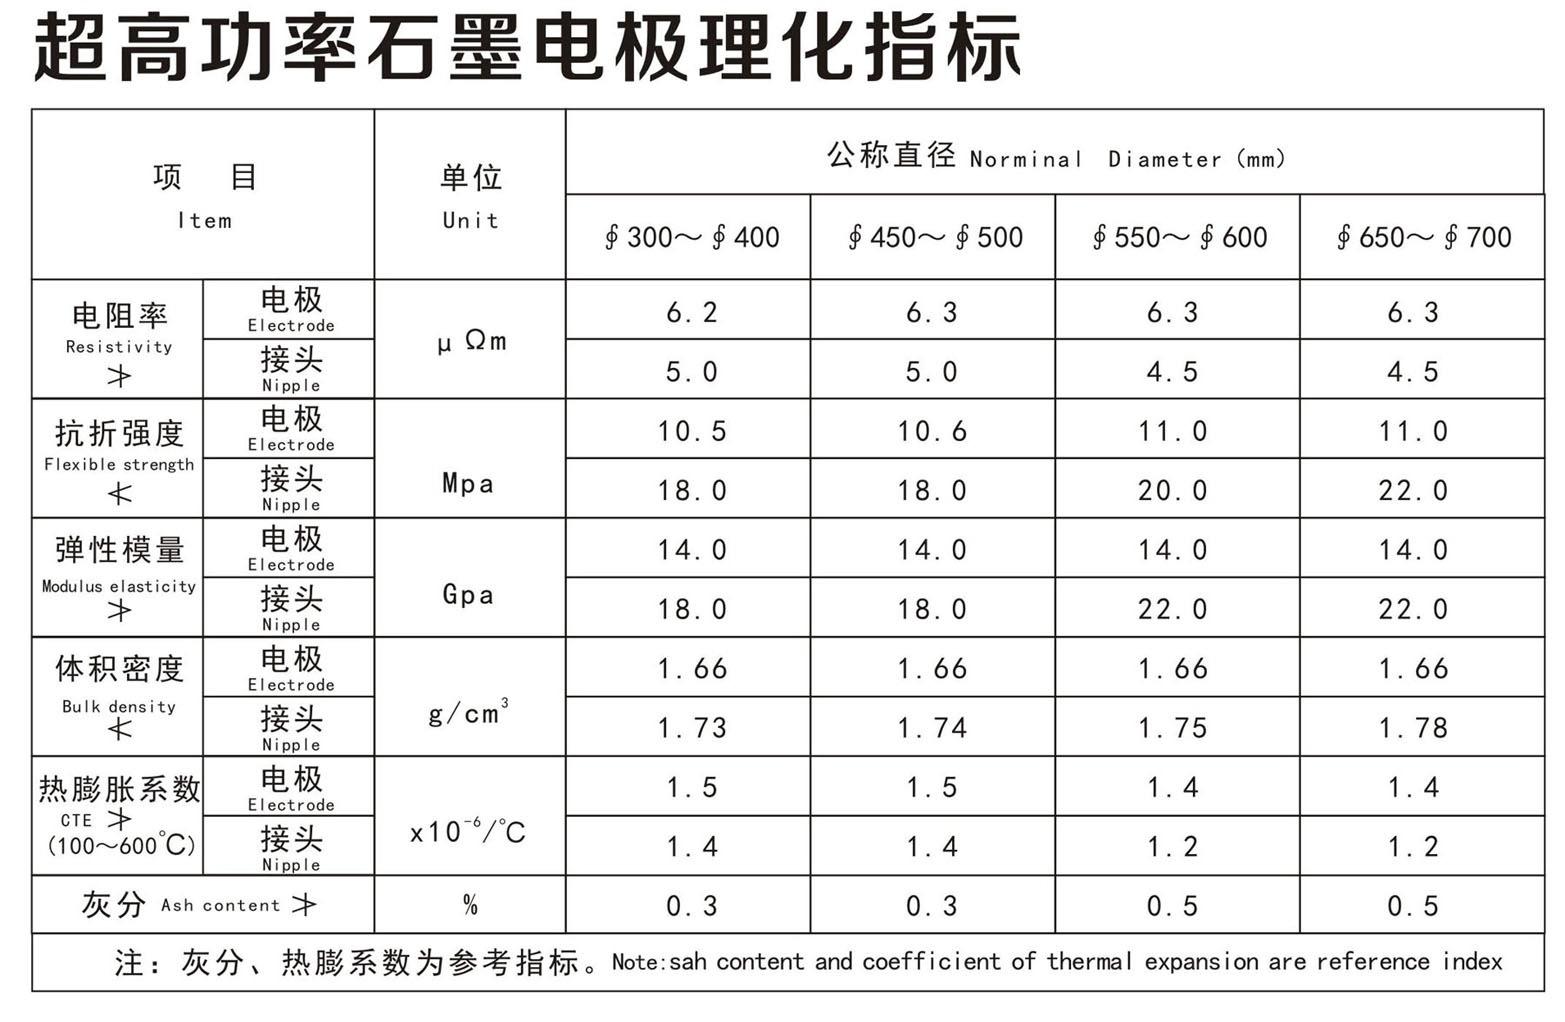 超高功率石墨电极理化指标